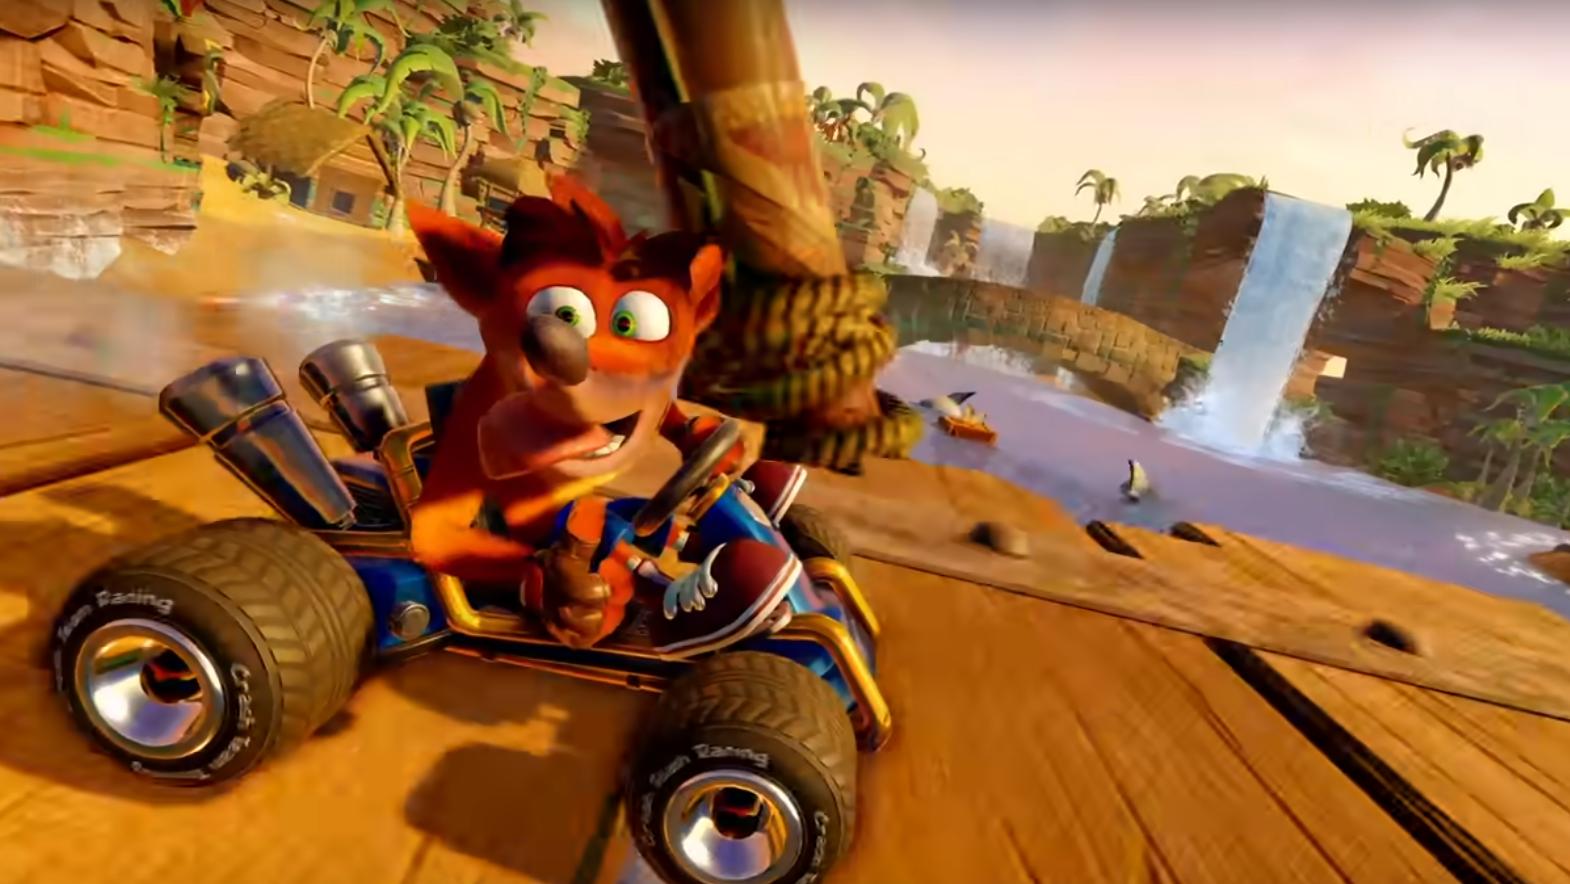 Macht auch 20 Jahre später eine gute Figer: Crash Bandicoot auf dem Kart